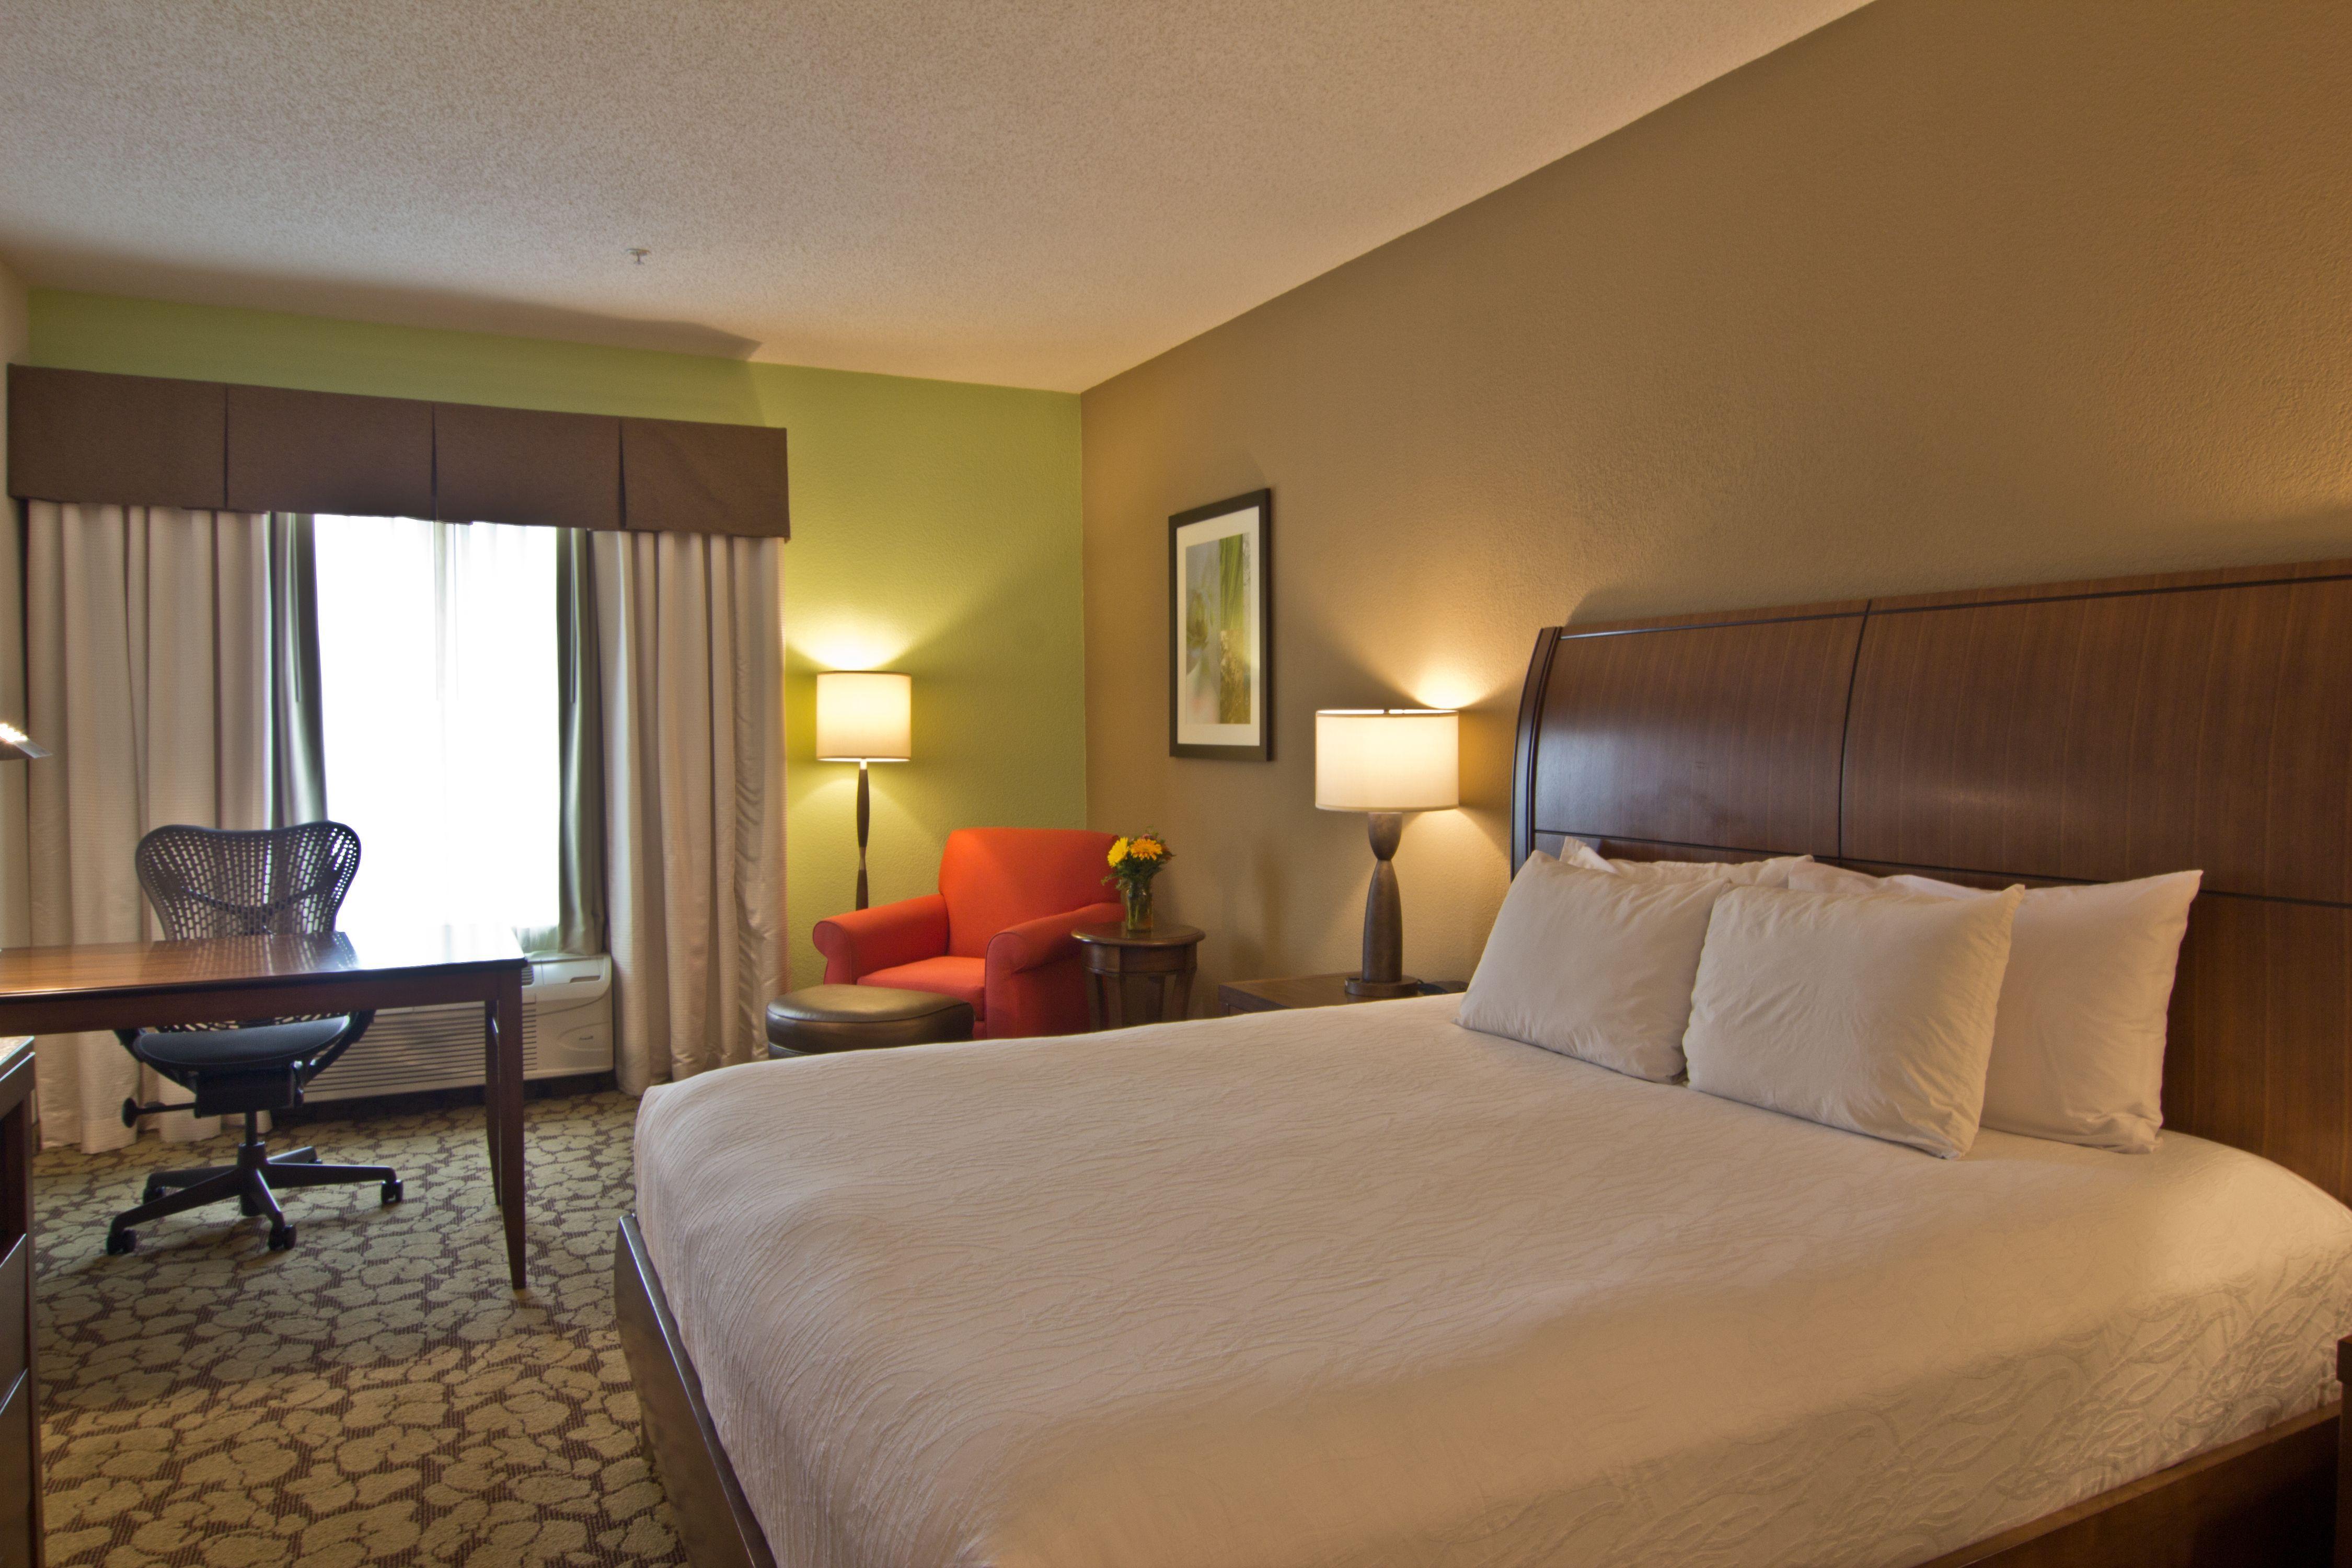 Hilton Garden Inn Columbus/Grove City in Grove City, OH